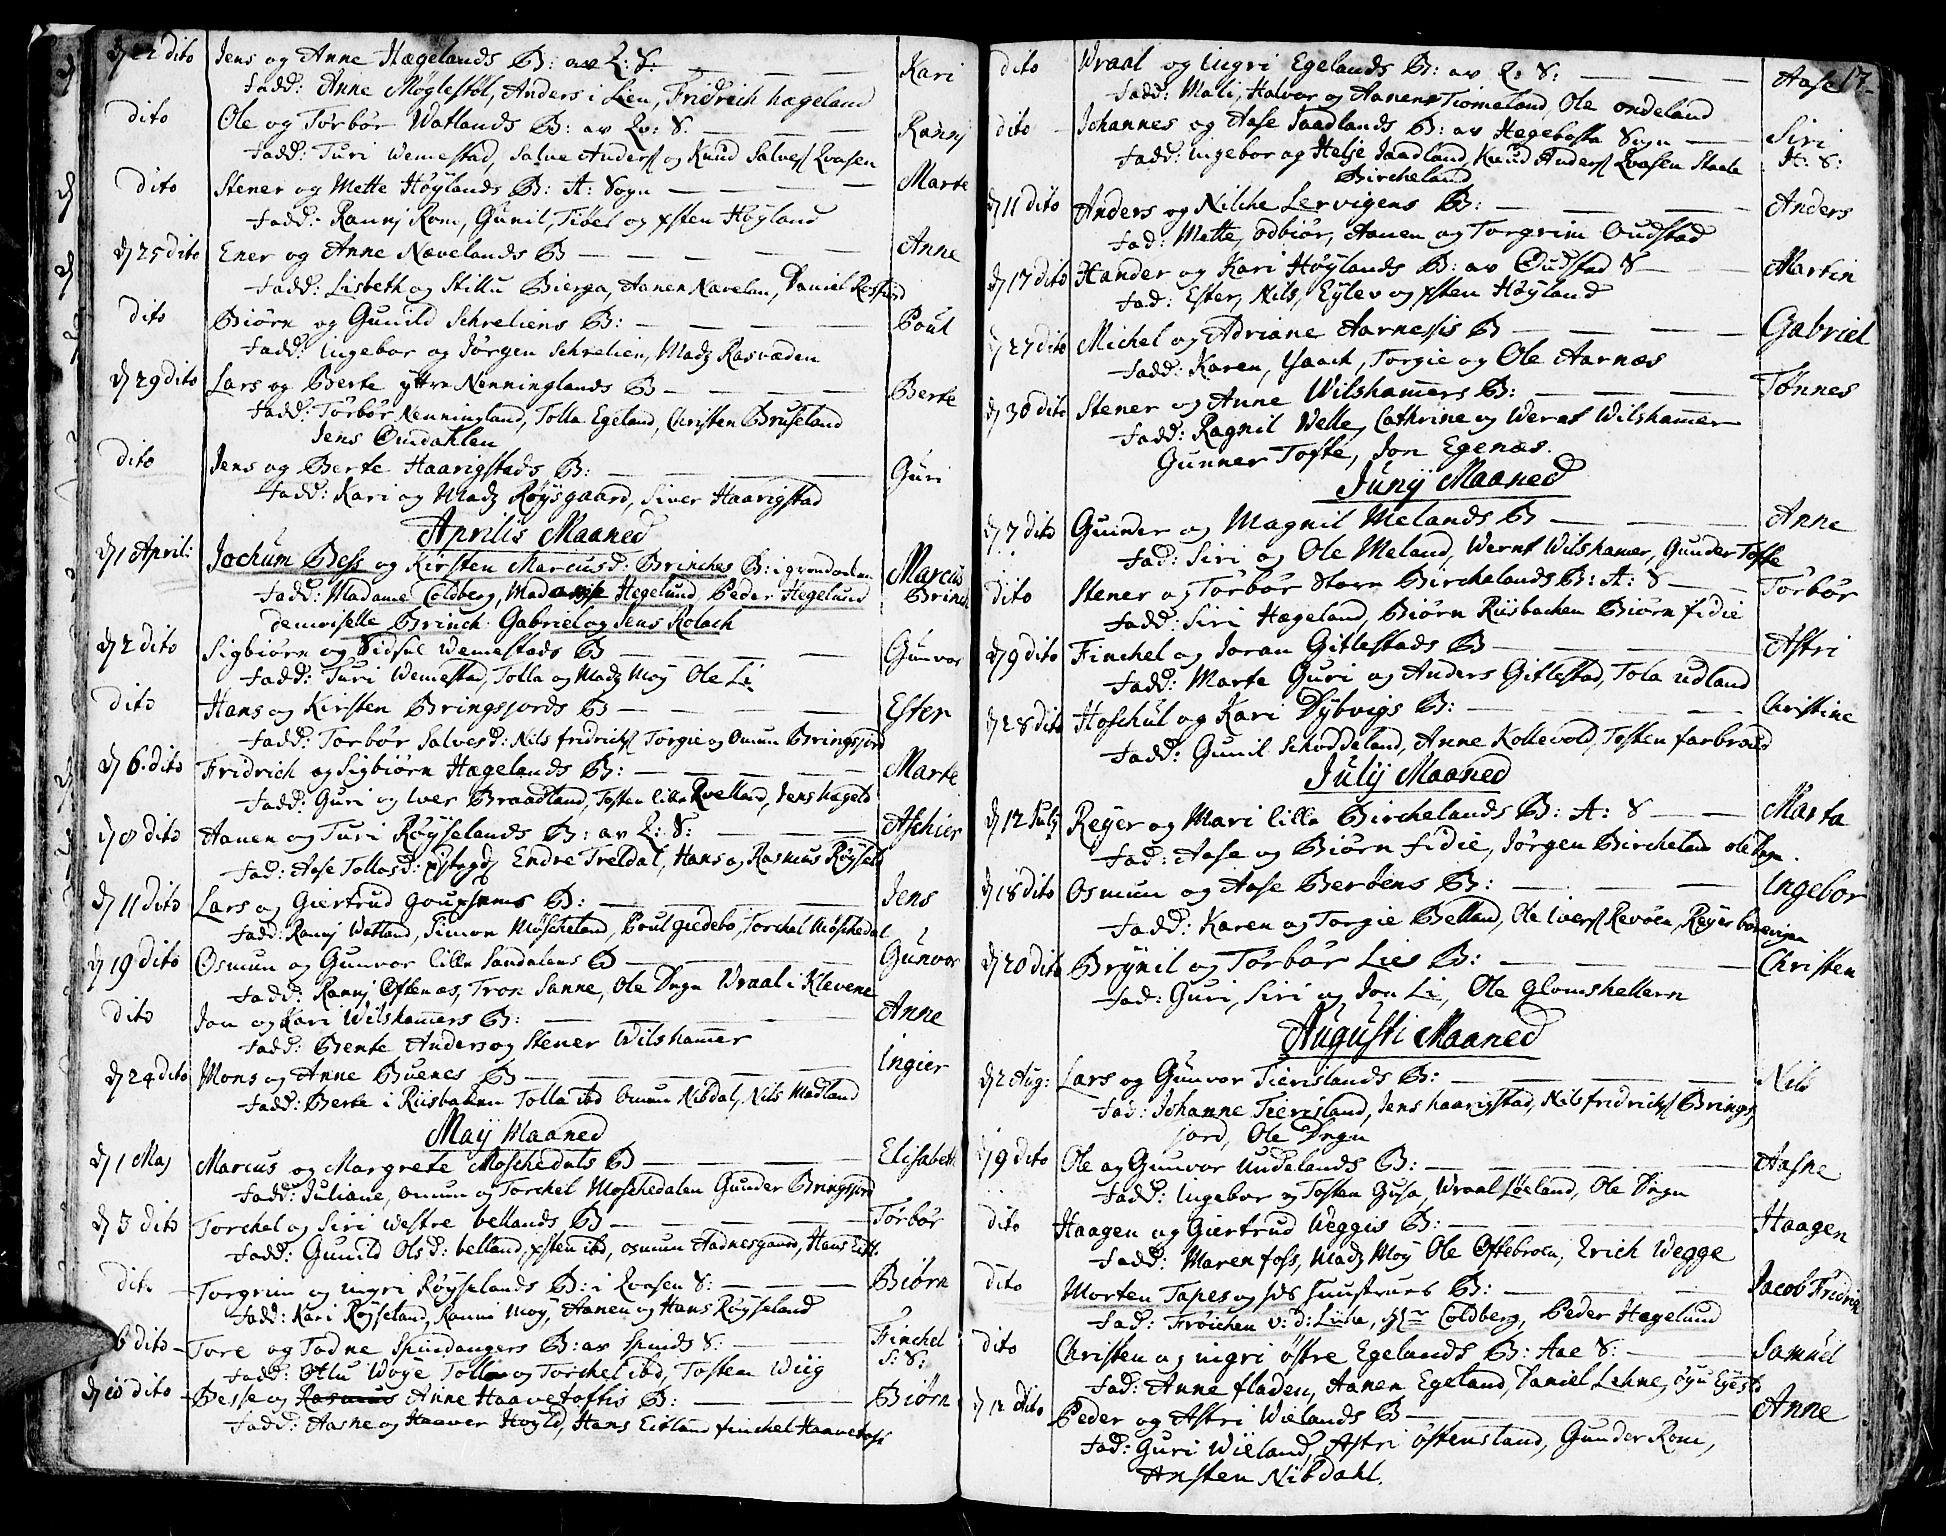 SAK, Lyngdal sokneprestkontor, F/Fa/Fac/L0001: Parish register (official) no. A 1, 1727-1779, p. 17